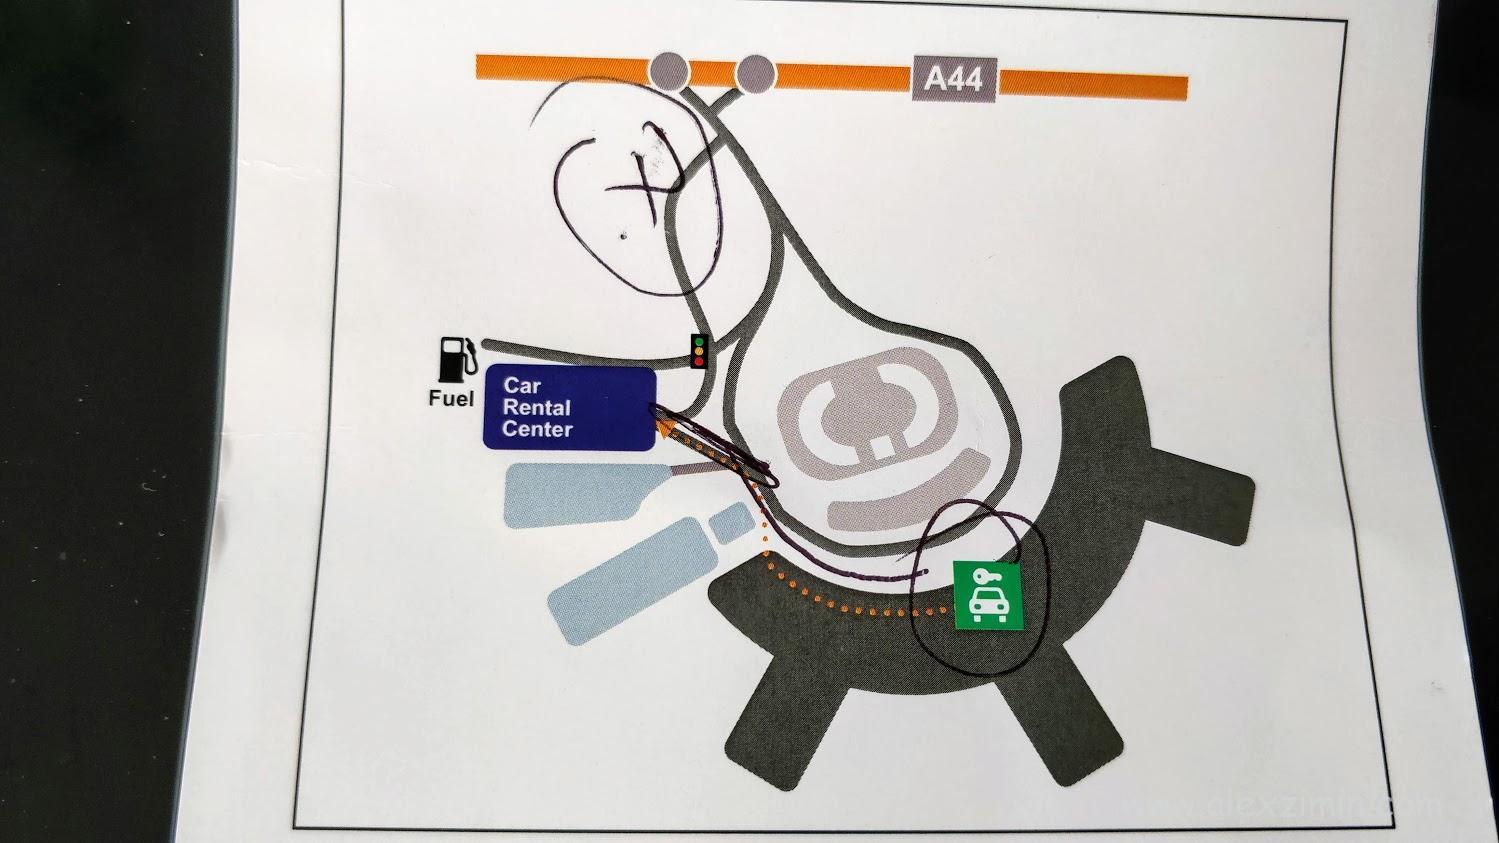 Расположение паркинга прокатных машин возле аэропорта Дюссельдорфа